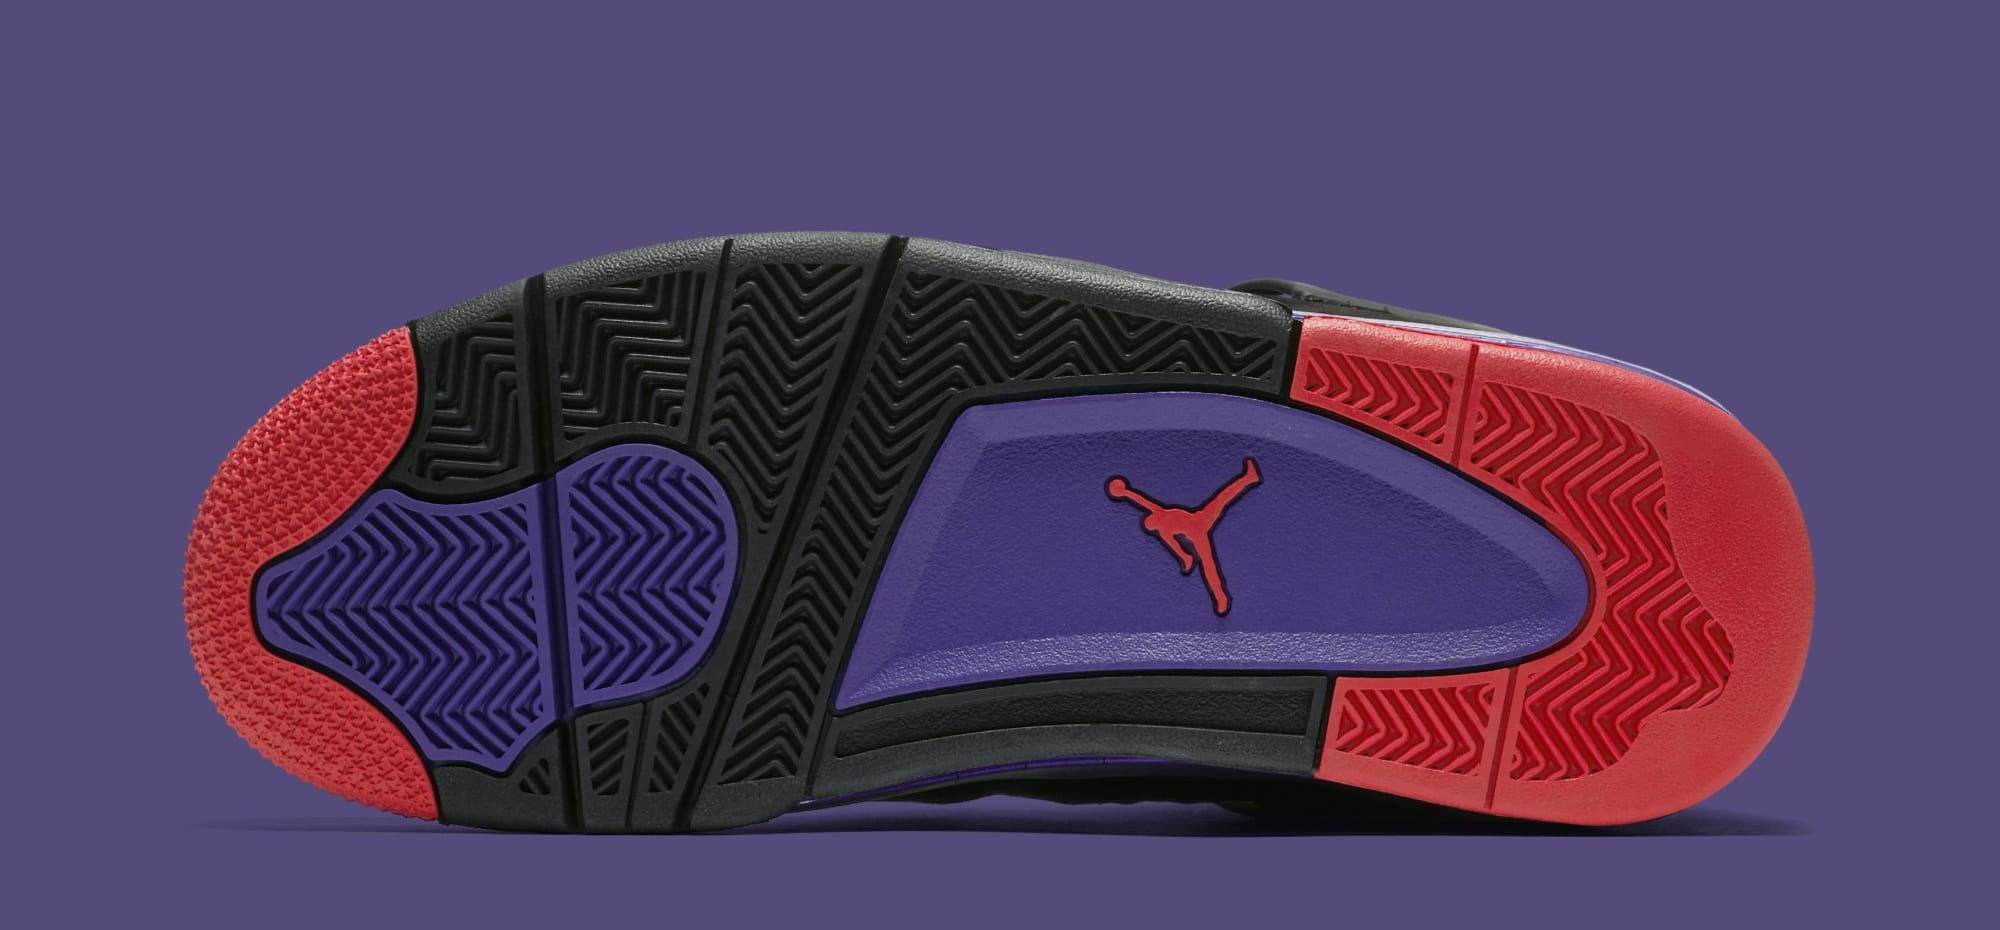 Air Jordan 4 Retro 'Raptors' AQ3816-056 (Sole)